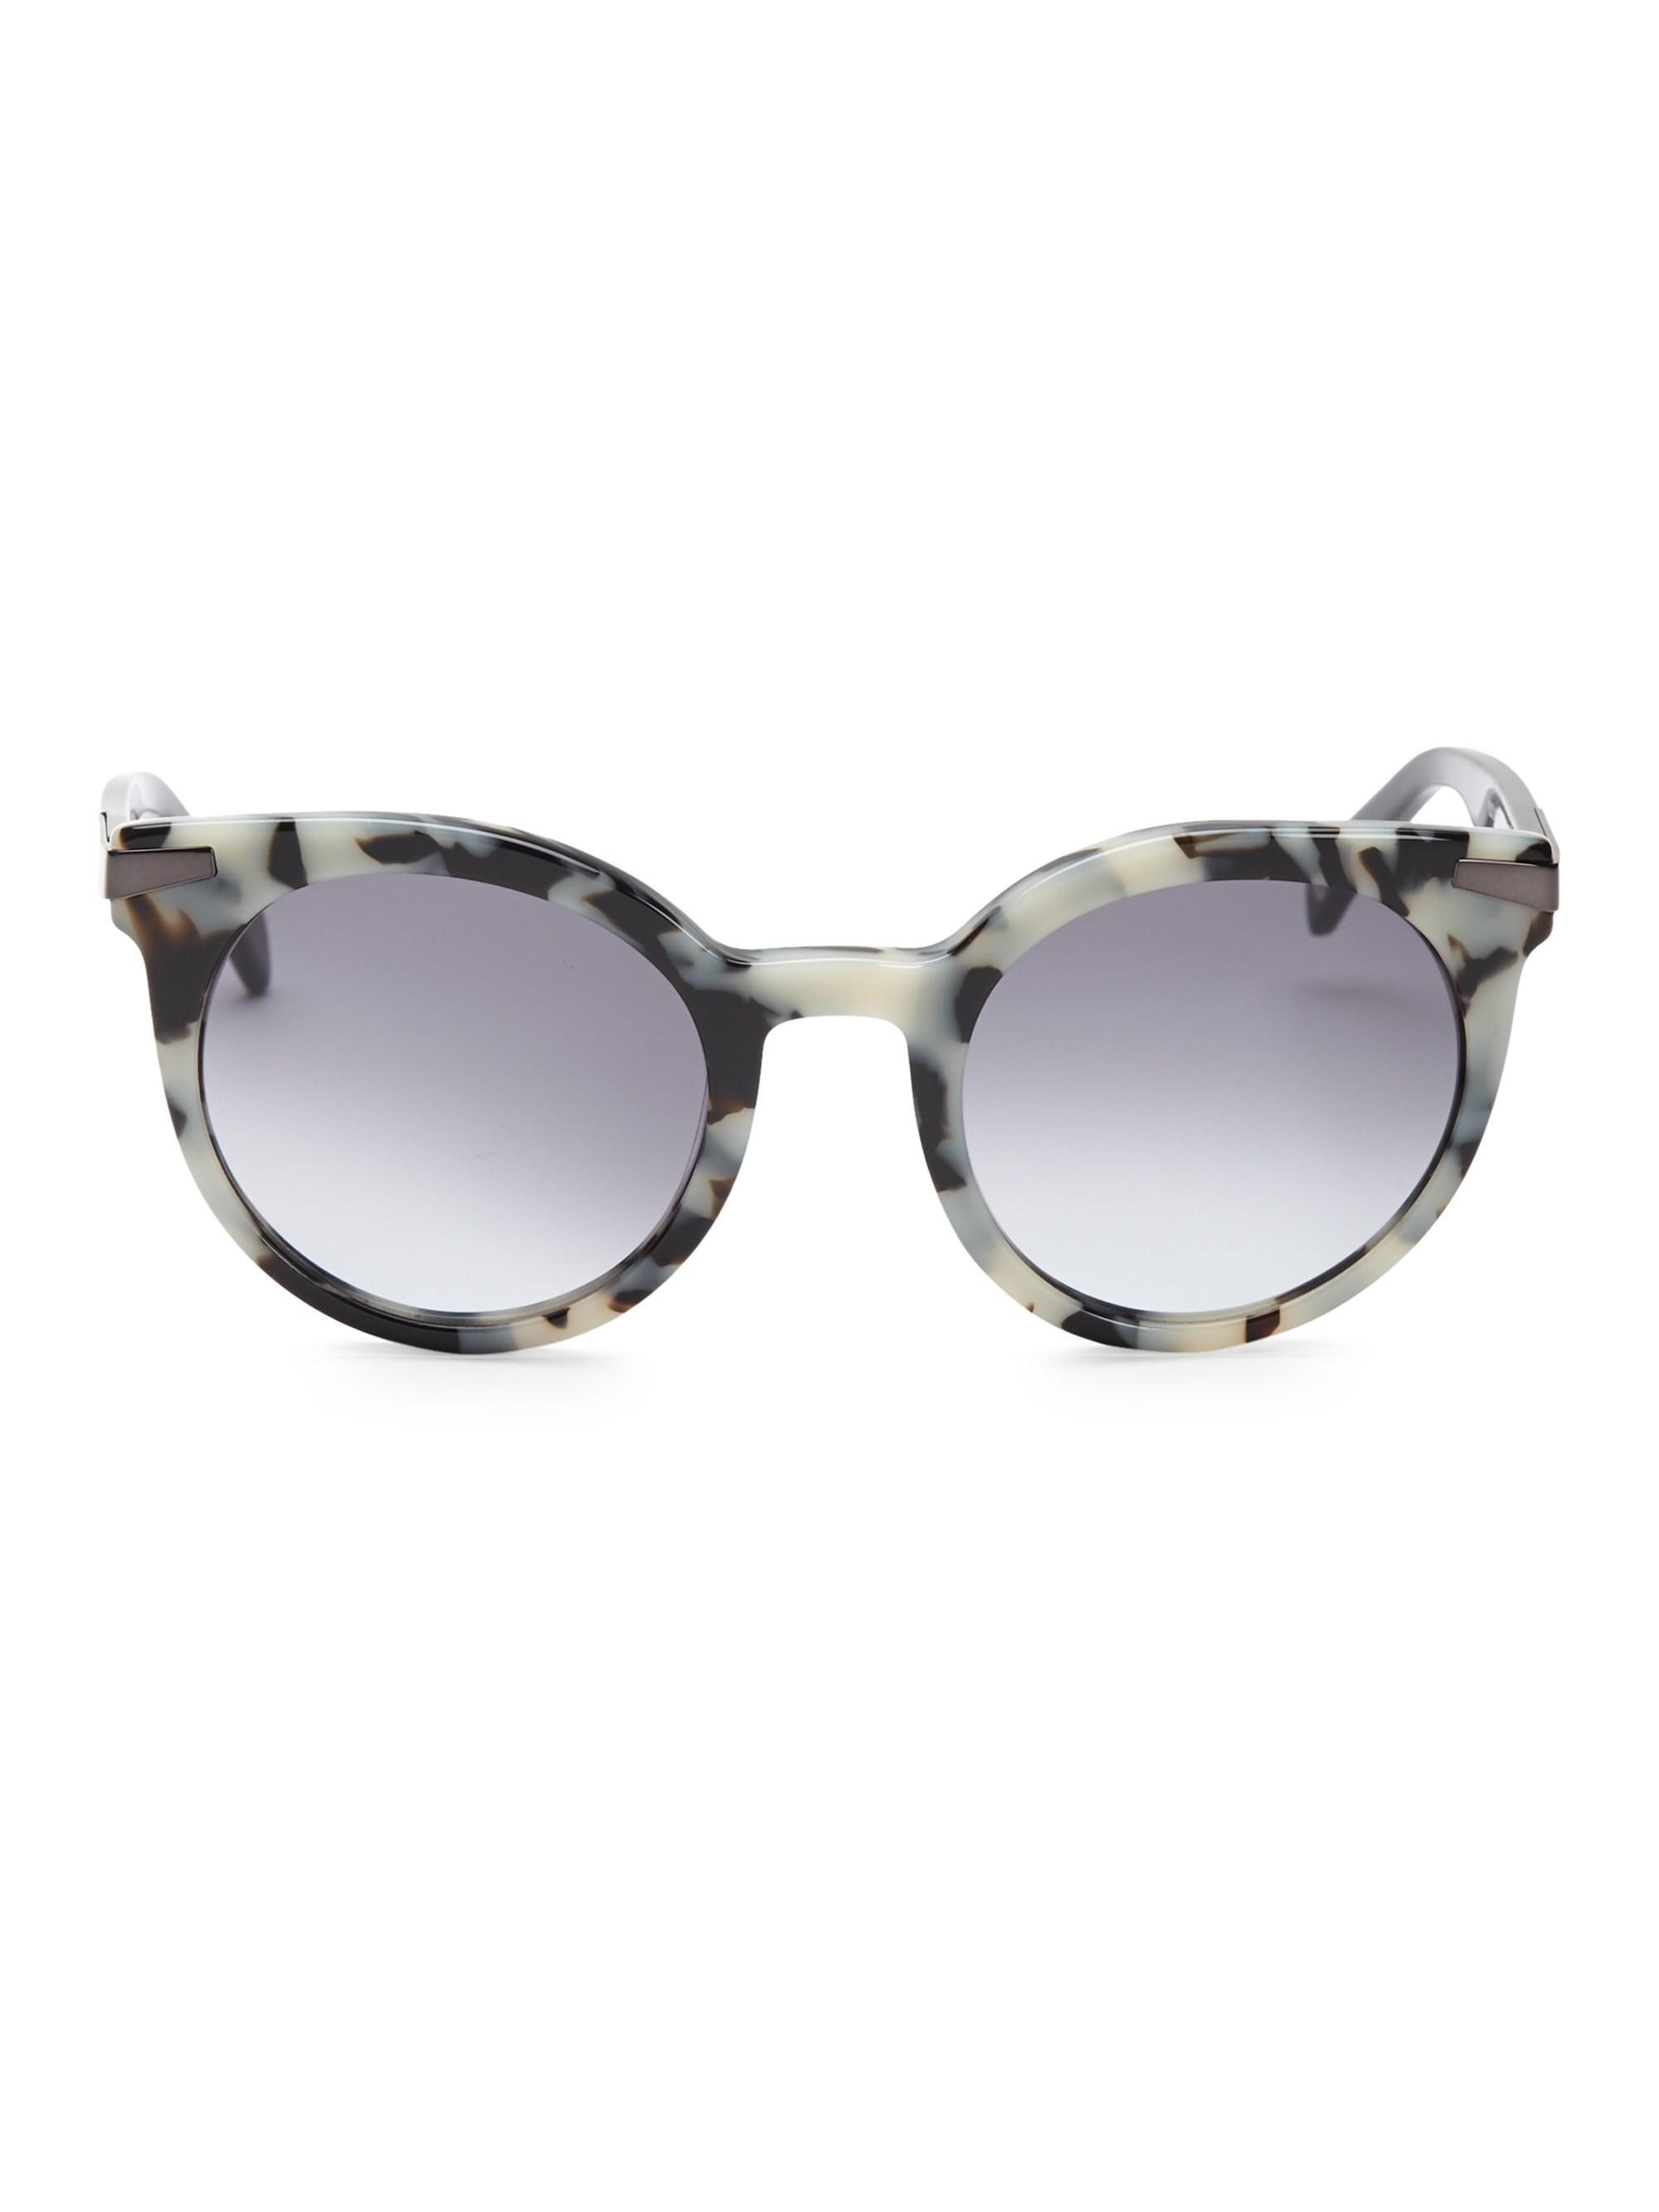 588cb2c59b Lyst - Balmain 51mm Round Tortoise Shell Sunglasses in Gray - Save 25%